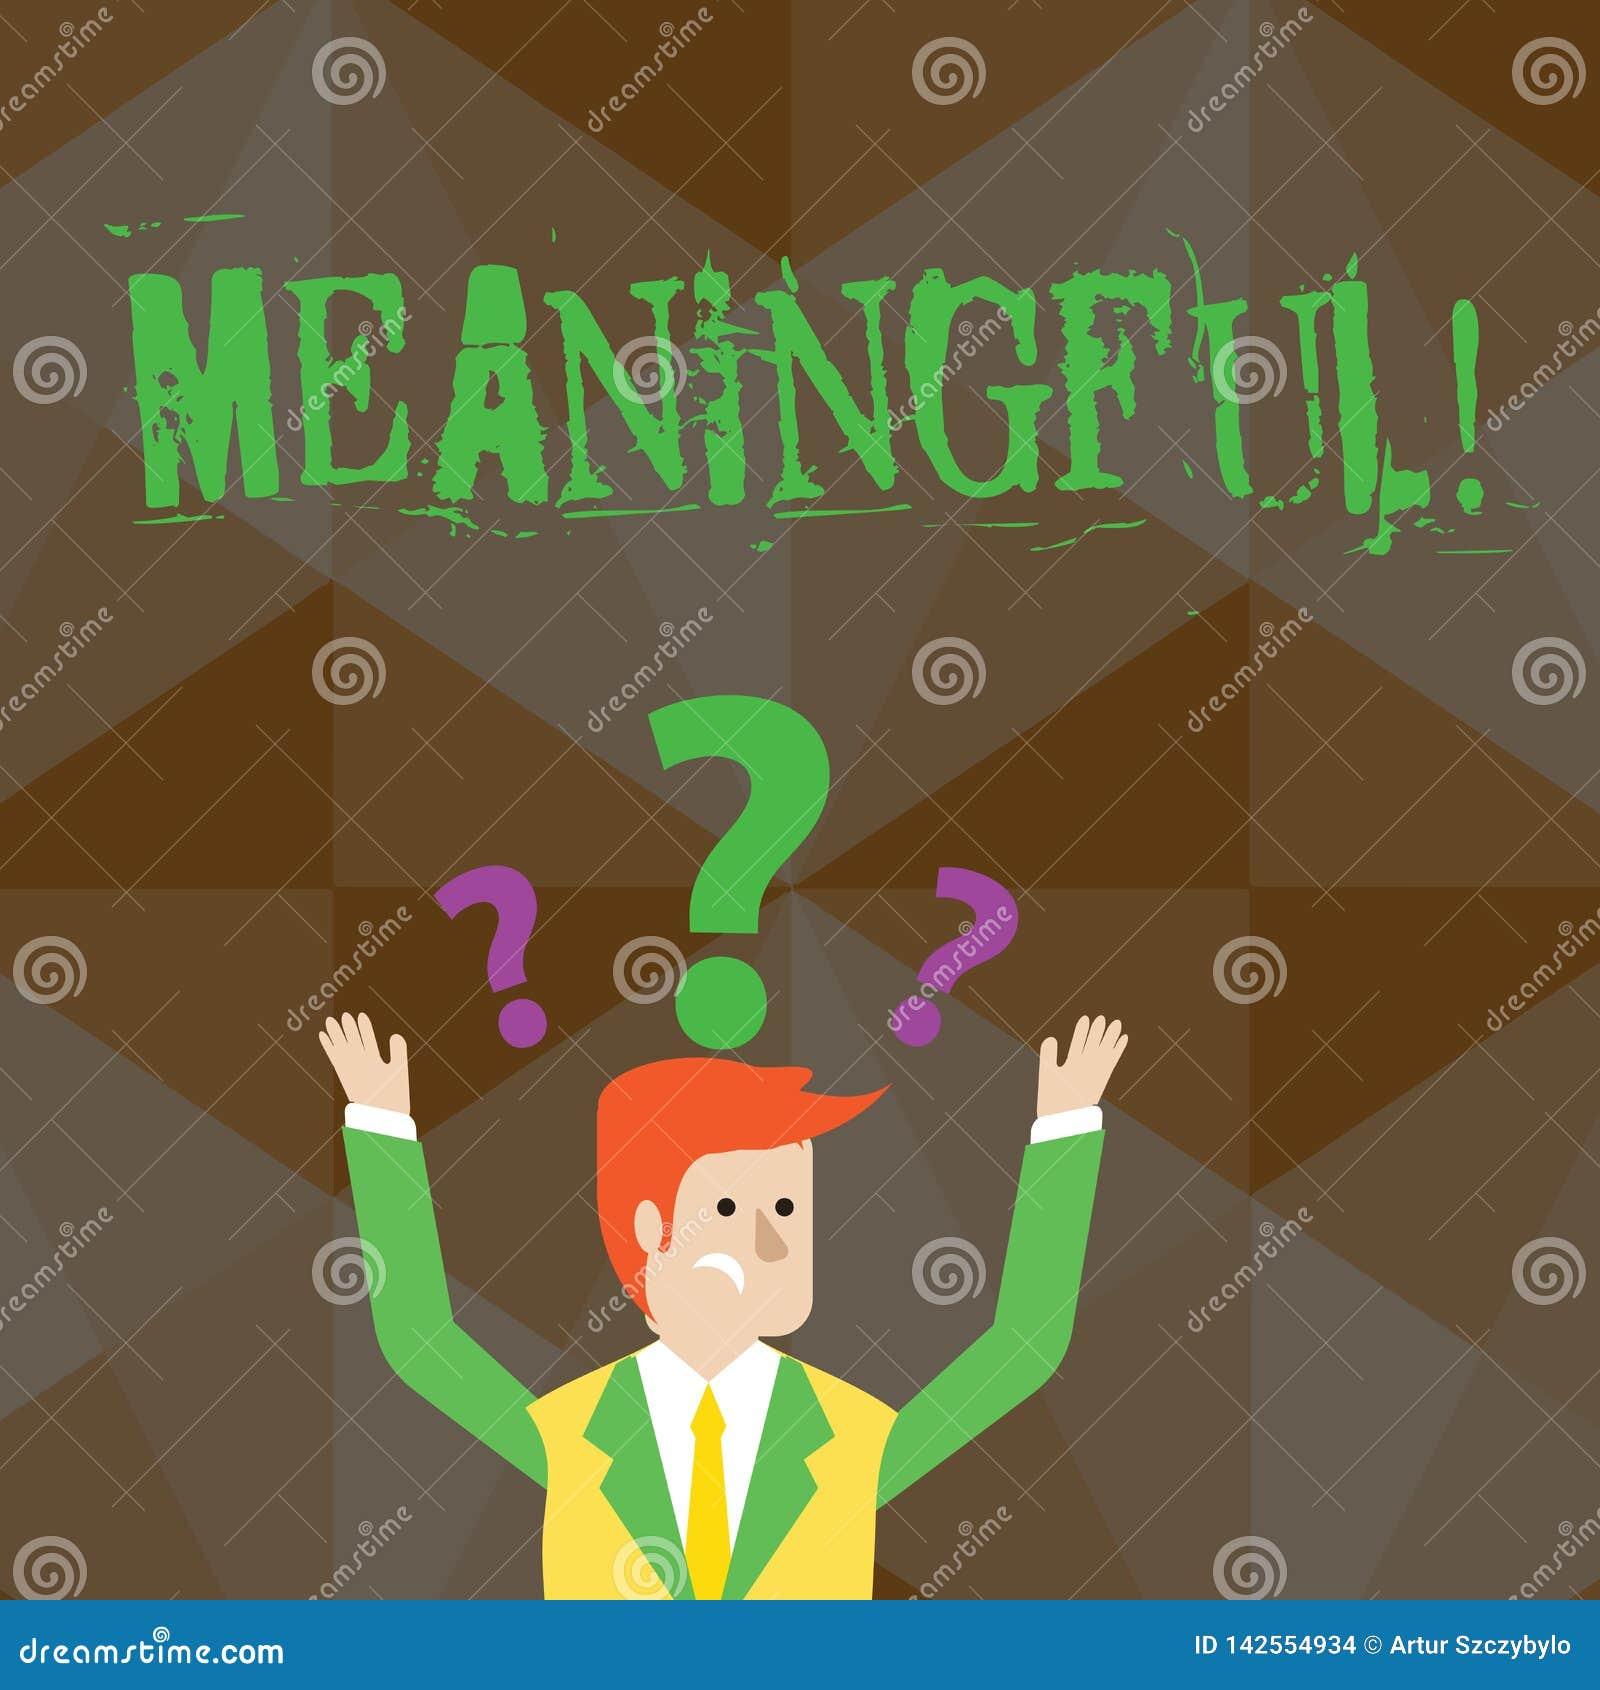 Texte d écriture signicatif Signification de concept ayant signifier utile important approprié significatif confus